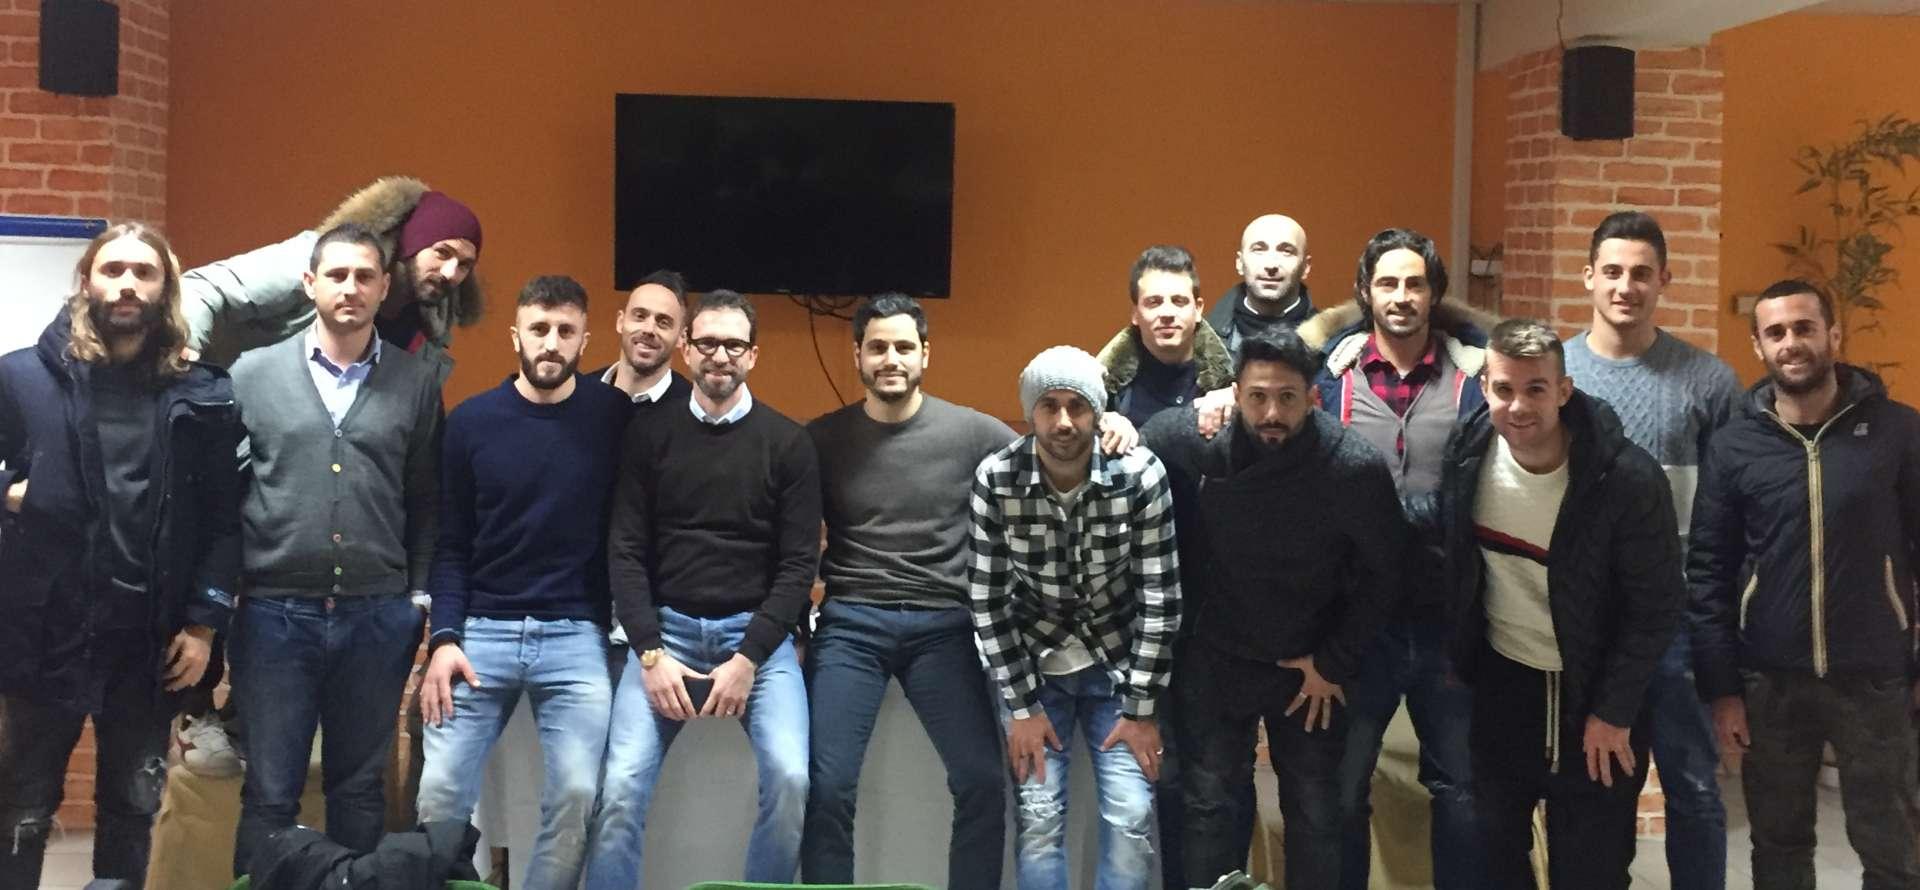 Serie D, girone F, Grottammare, Calcagno, Gaggioli, Bianchet, Fiumana, Trovato